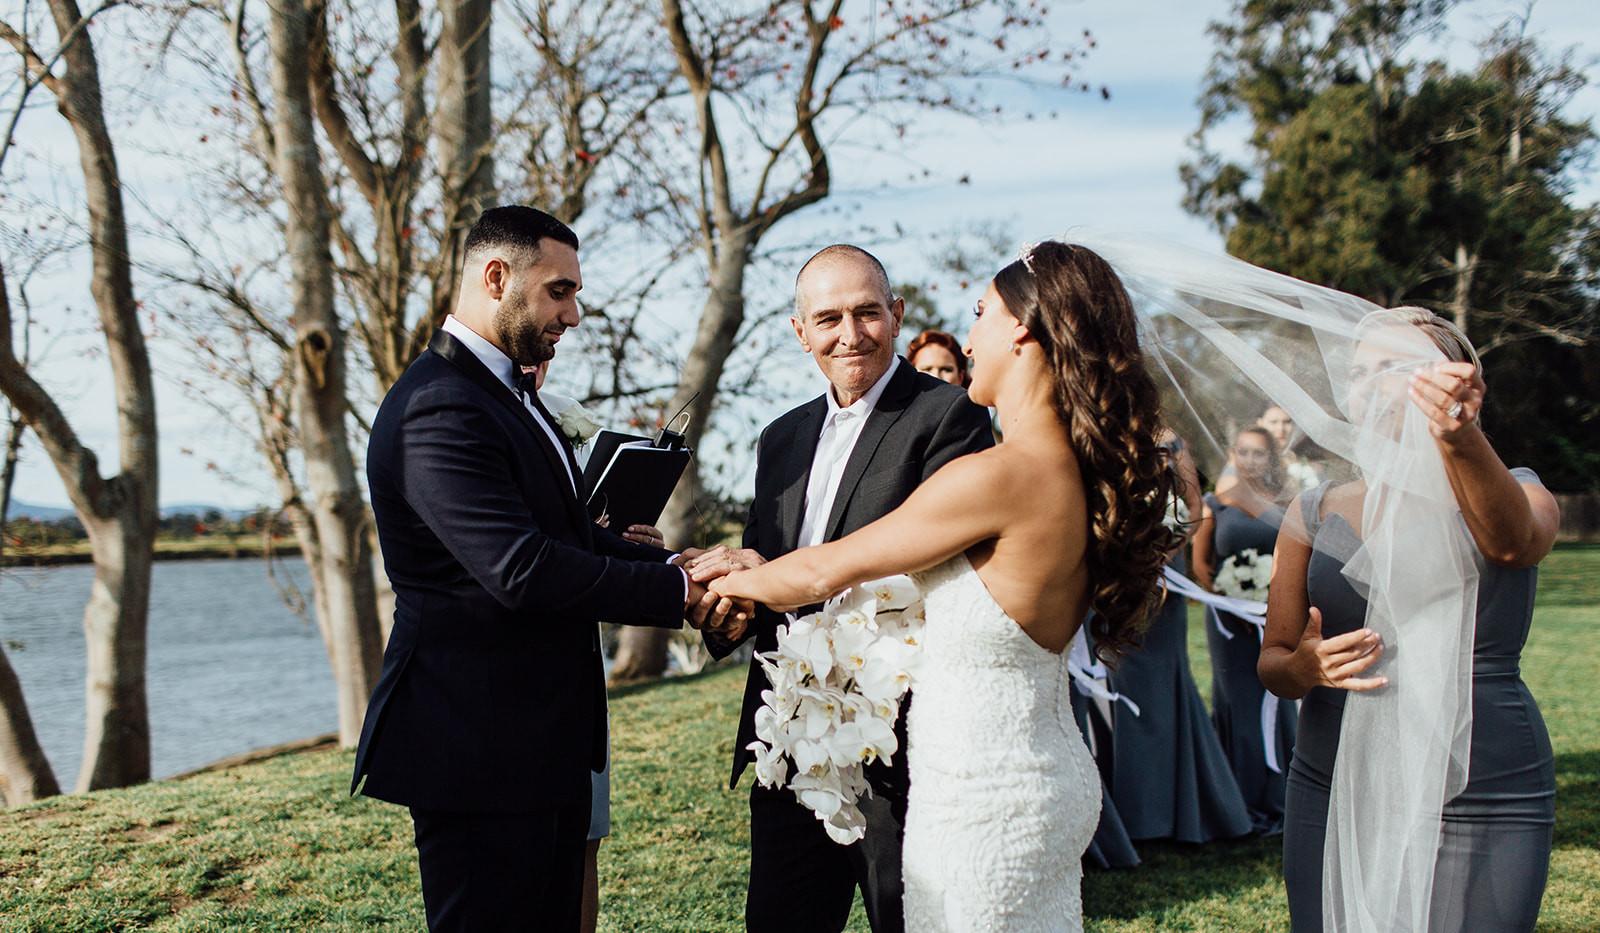 Ahmad&Carly-Wedding-HighRes-0339.jpg